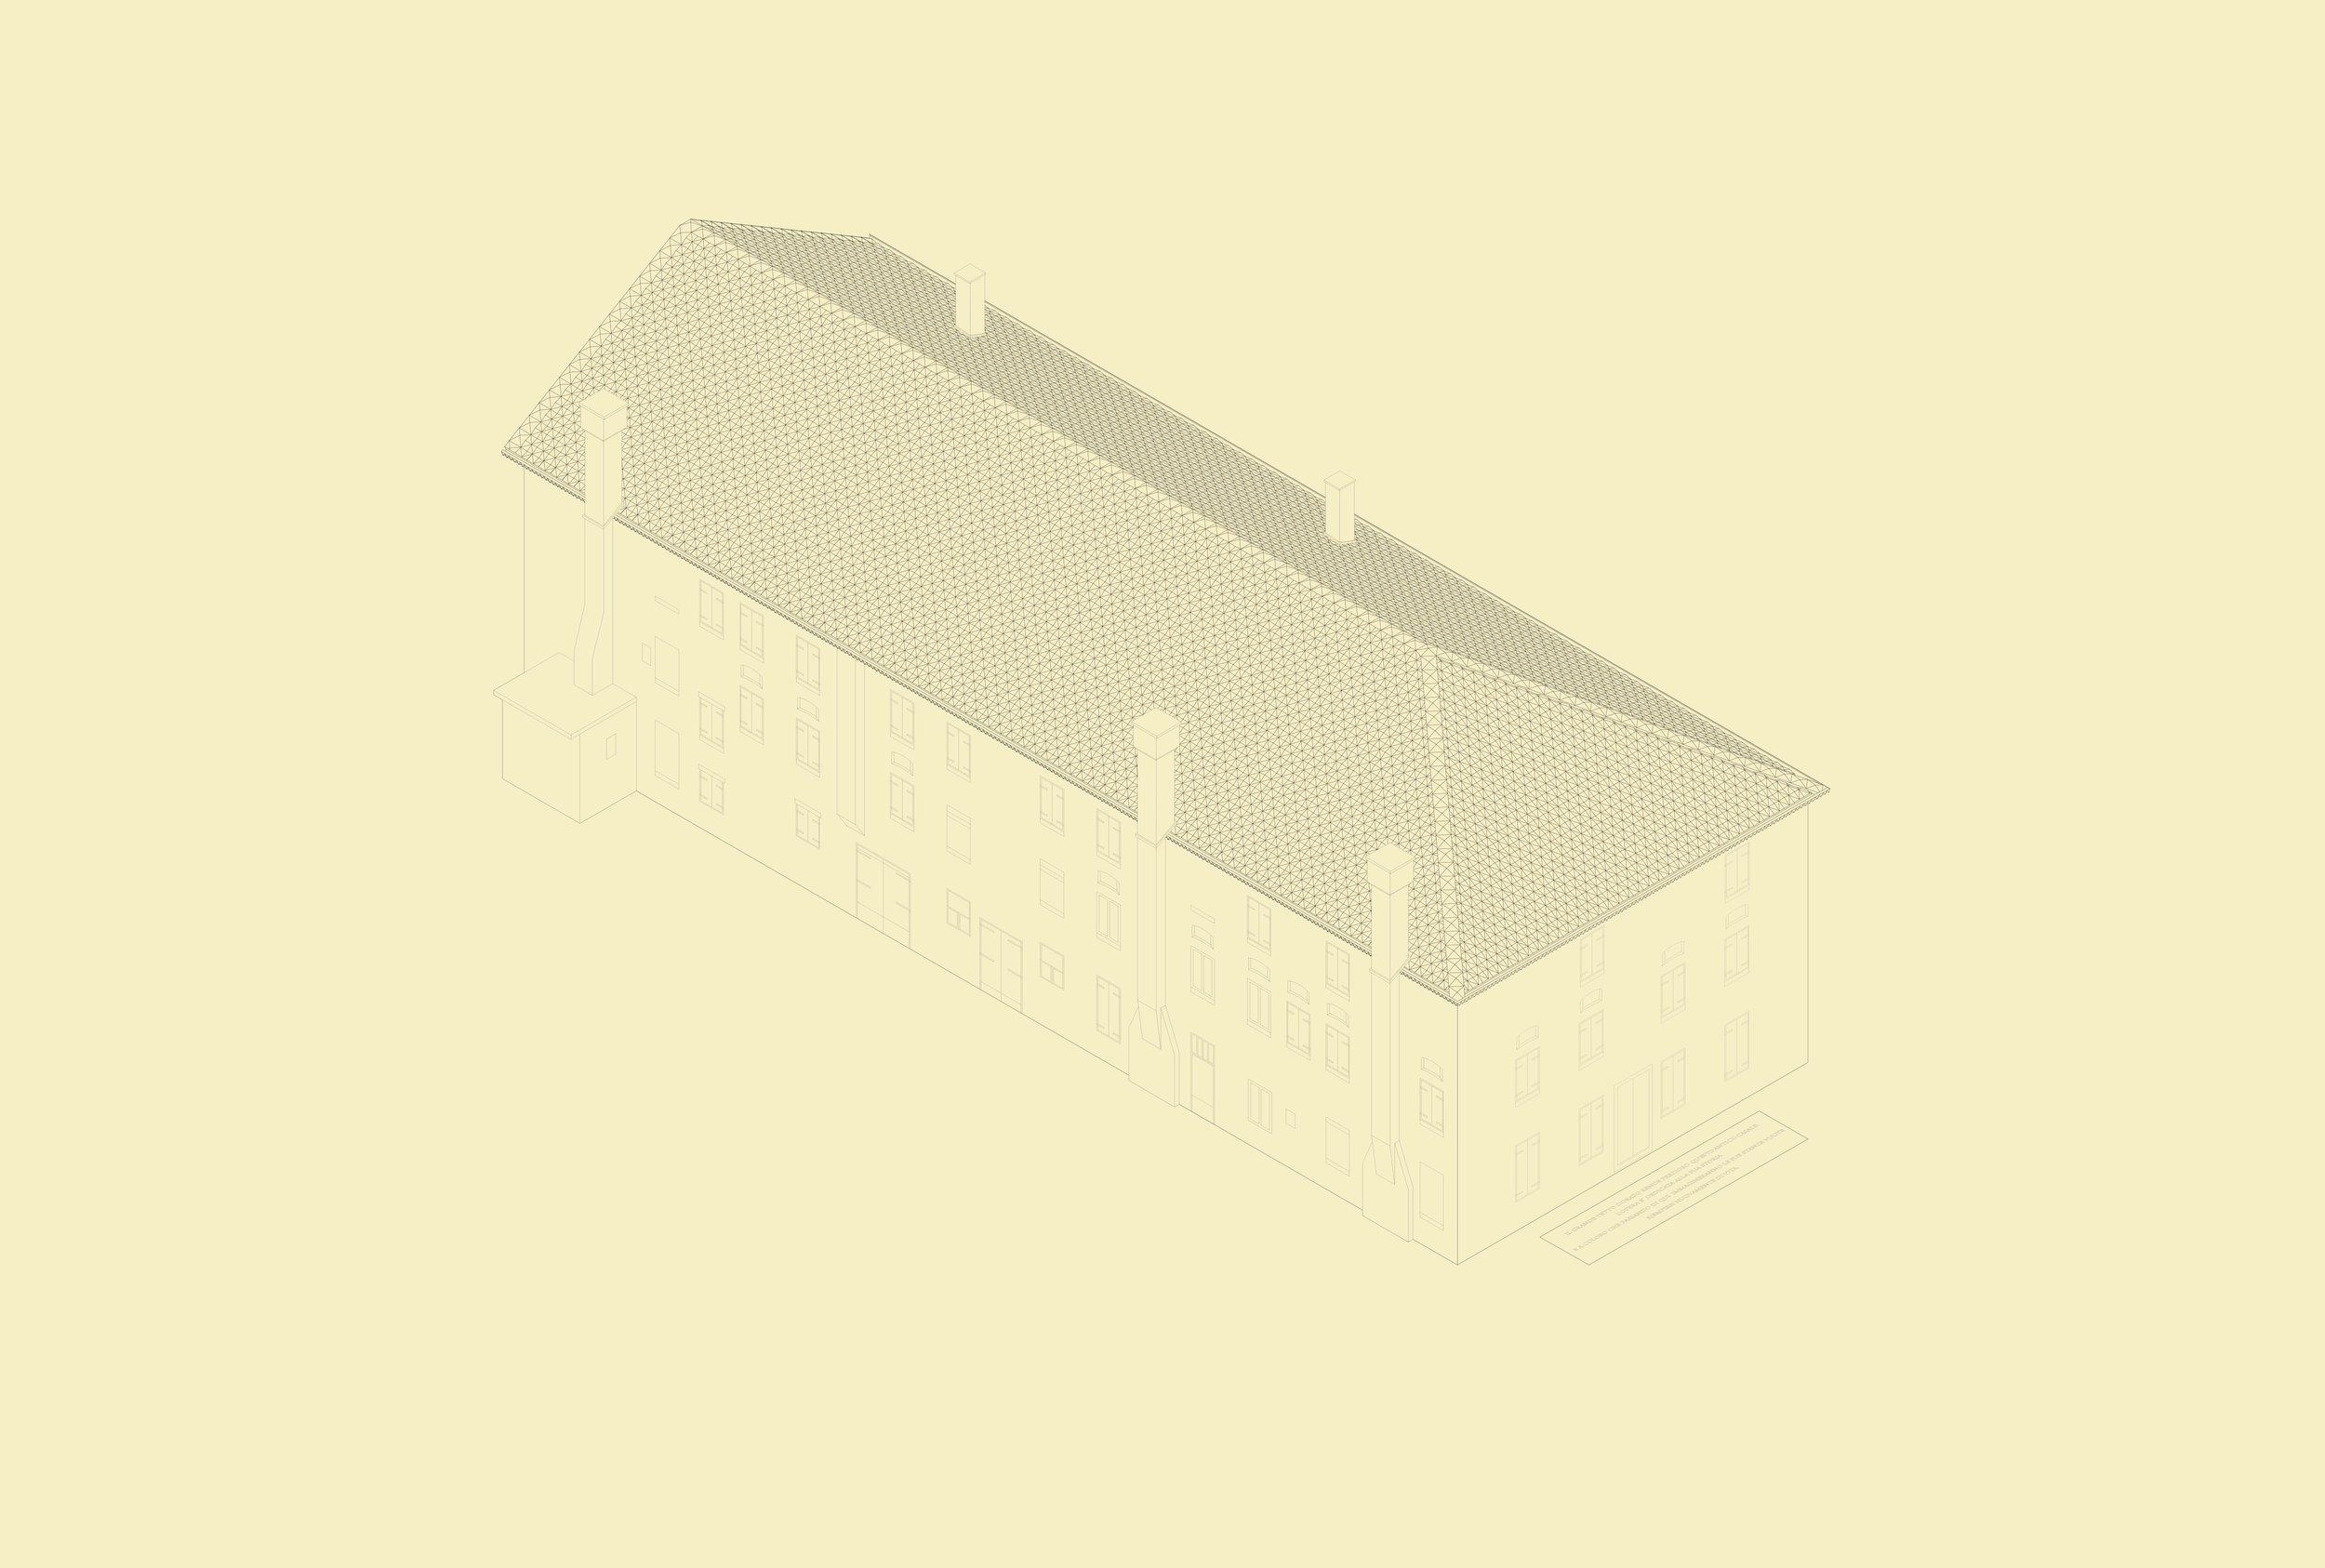 Alberto Garutti,  Il grande tetto dorato rende prezioso questo antico casale. Quest'opera è dedicata alla sua storia e a coloro che passando di qui immagineranno le sue stanze vuote riempirsi nuovamente di vita. , progetto, 2017